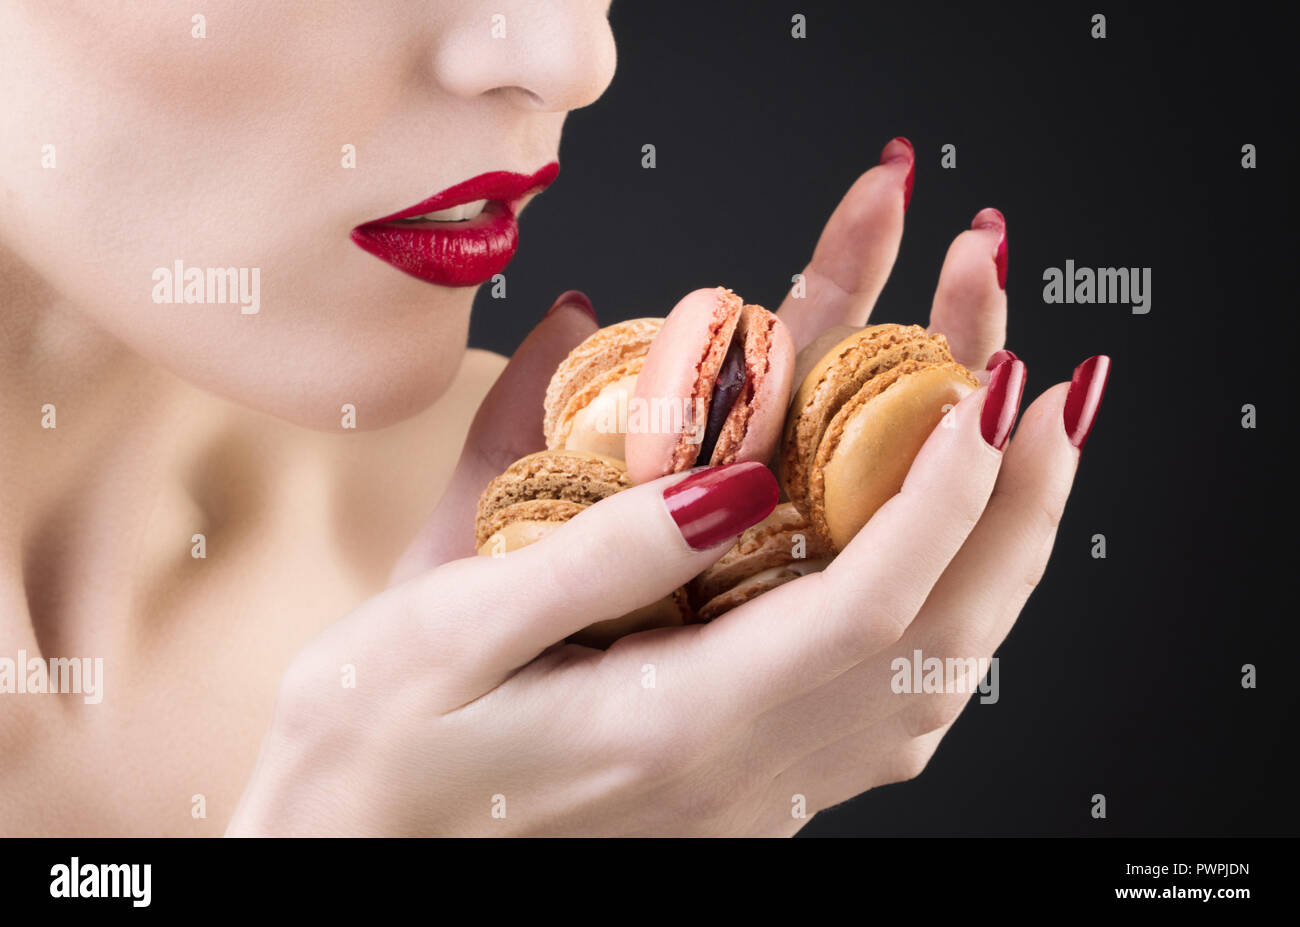 Gros plan d'une jeune fille d'un macaron Banque D'Images